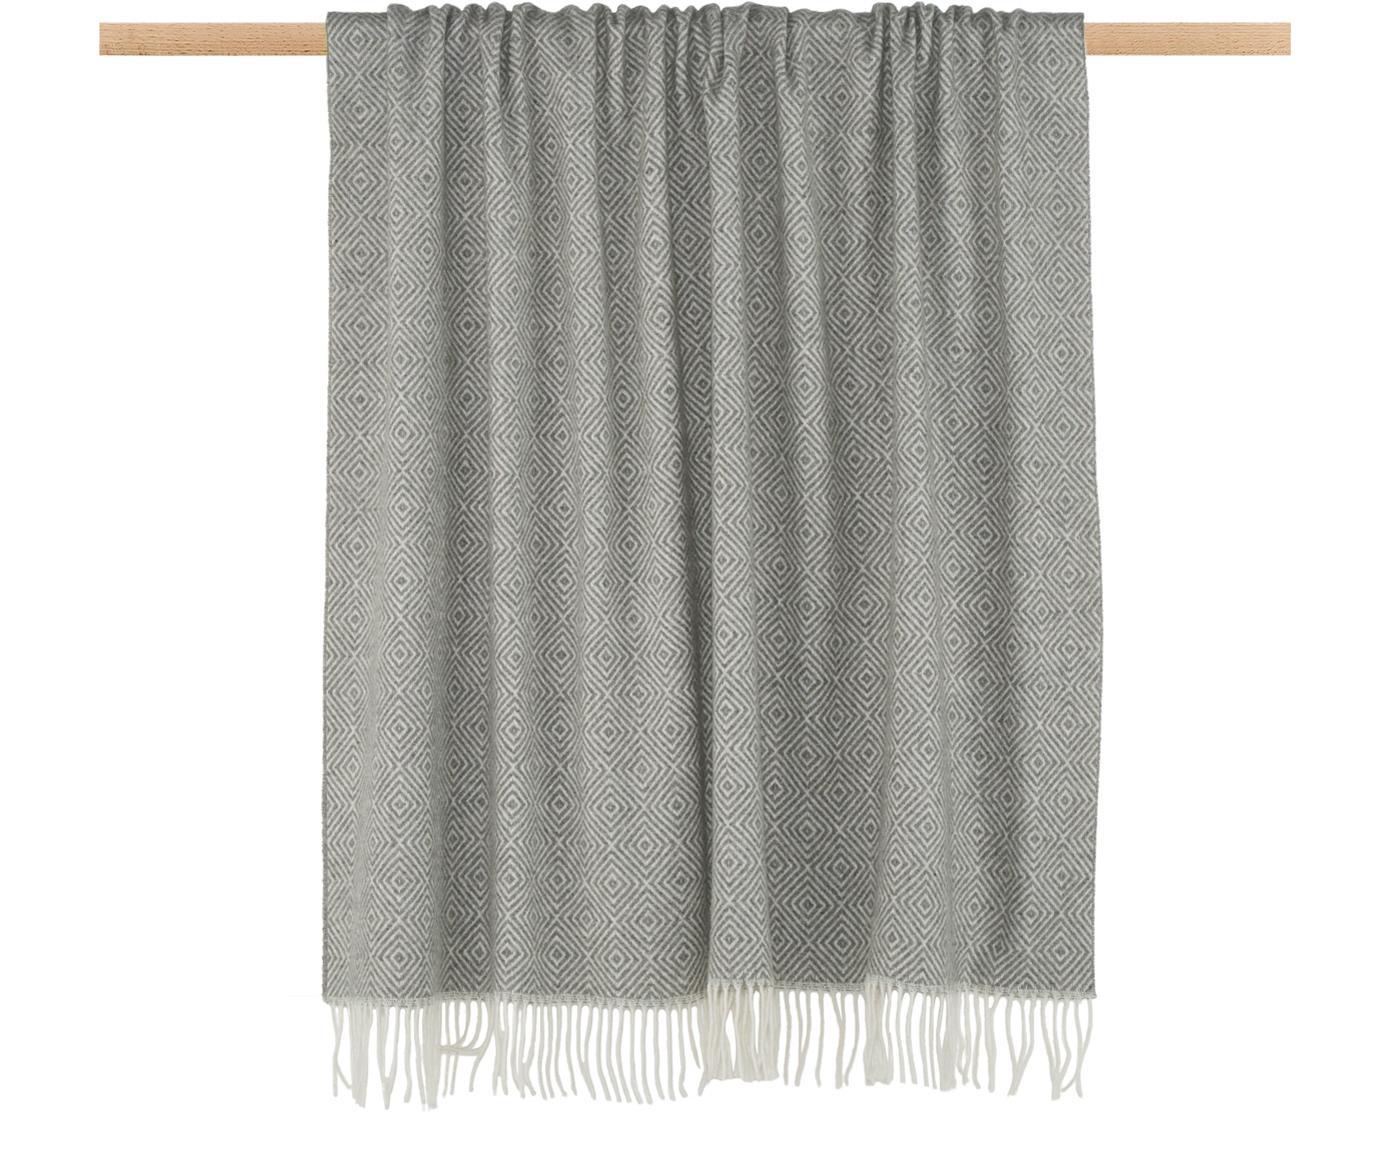 Woll-Plaid Alison mit feinem grafischem Muster, 80% Wolle, 20% Acryl, Gebrochenes Weiß, Hellgrau, 140 x 200 cm